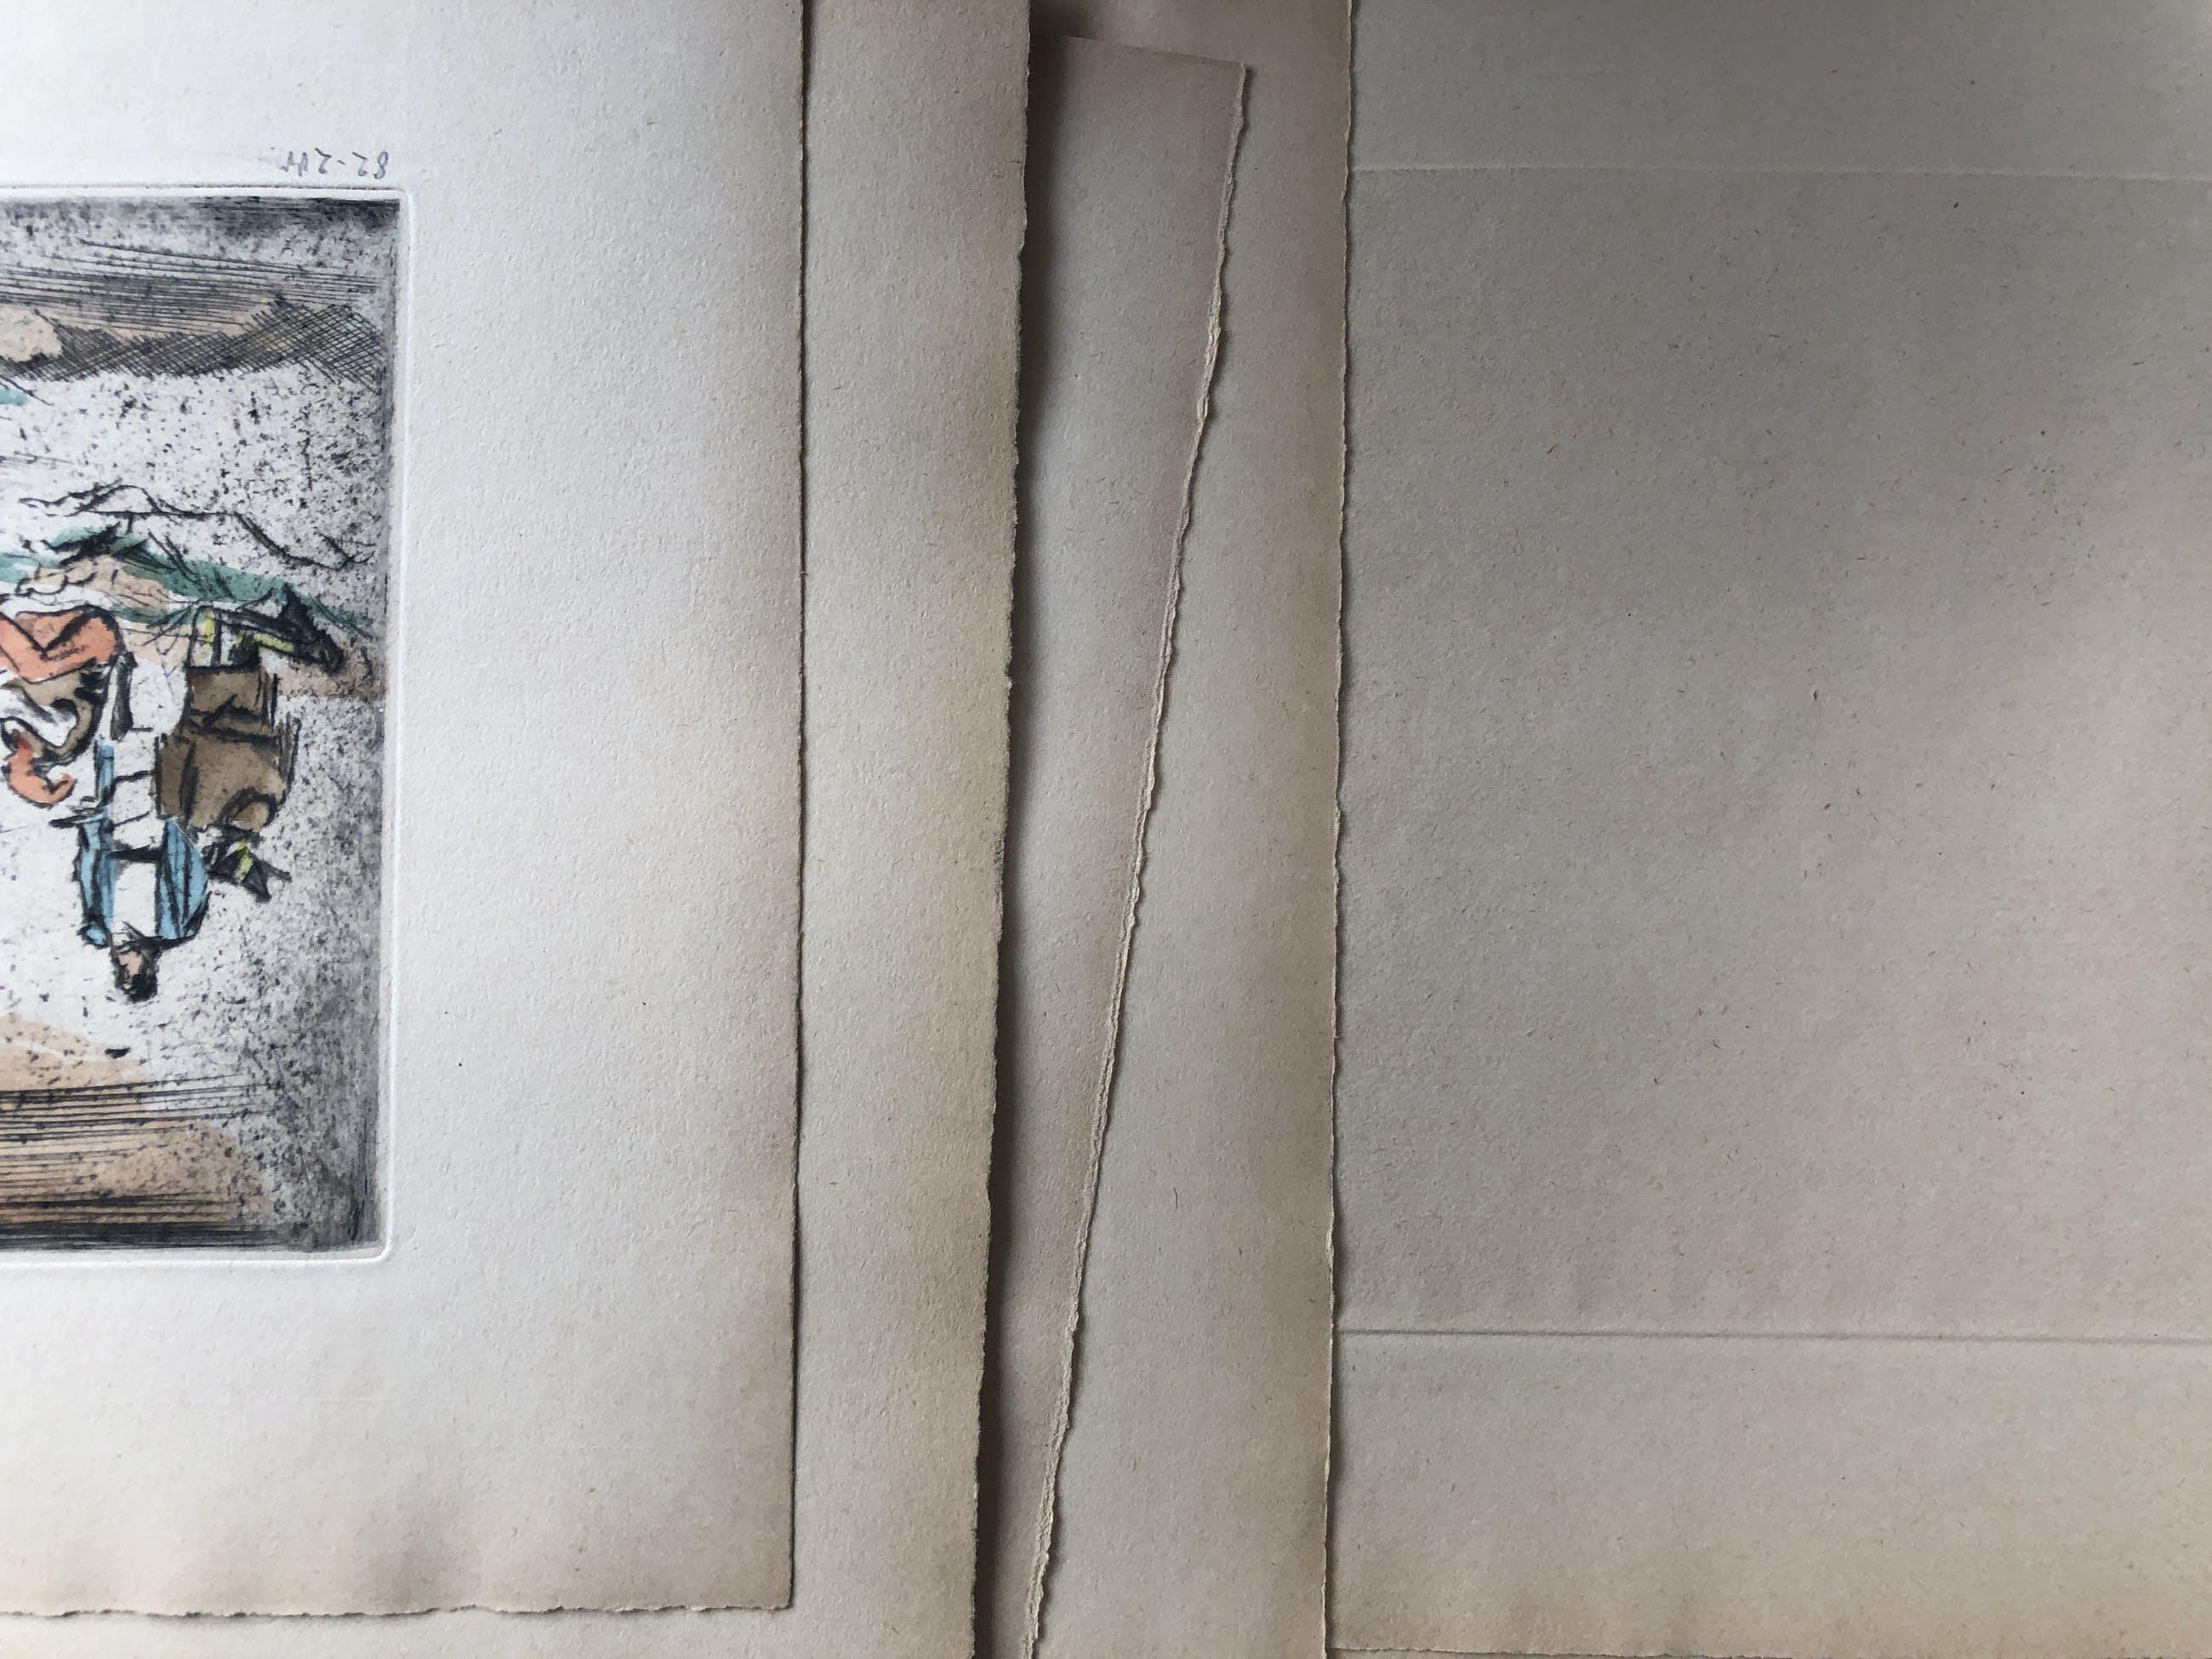 Georg Walter Rössner - Georg Walter Rössner Die Belagerung von Uexlingen Mappe mit 11 sign.Radierungen kopen? Bied vanaf 850!